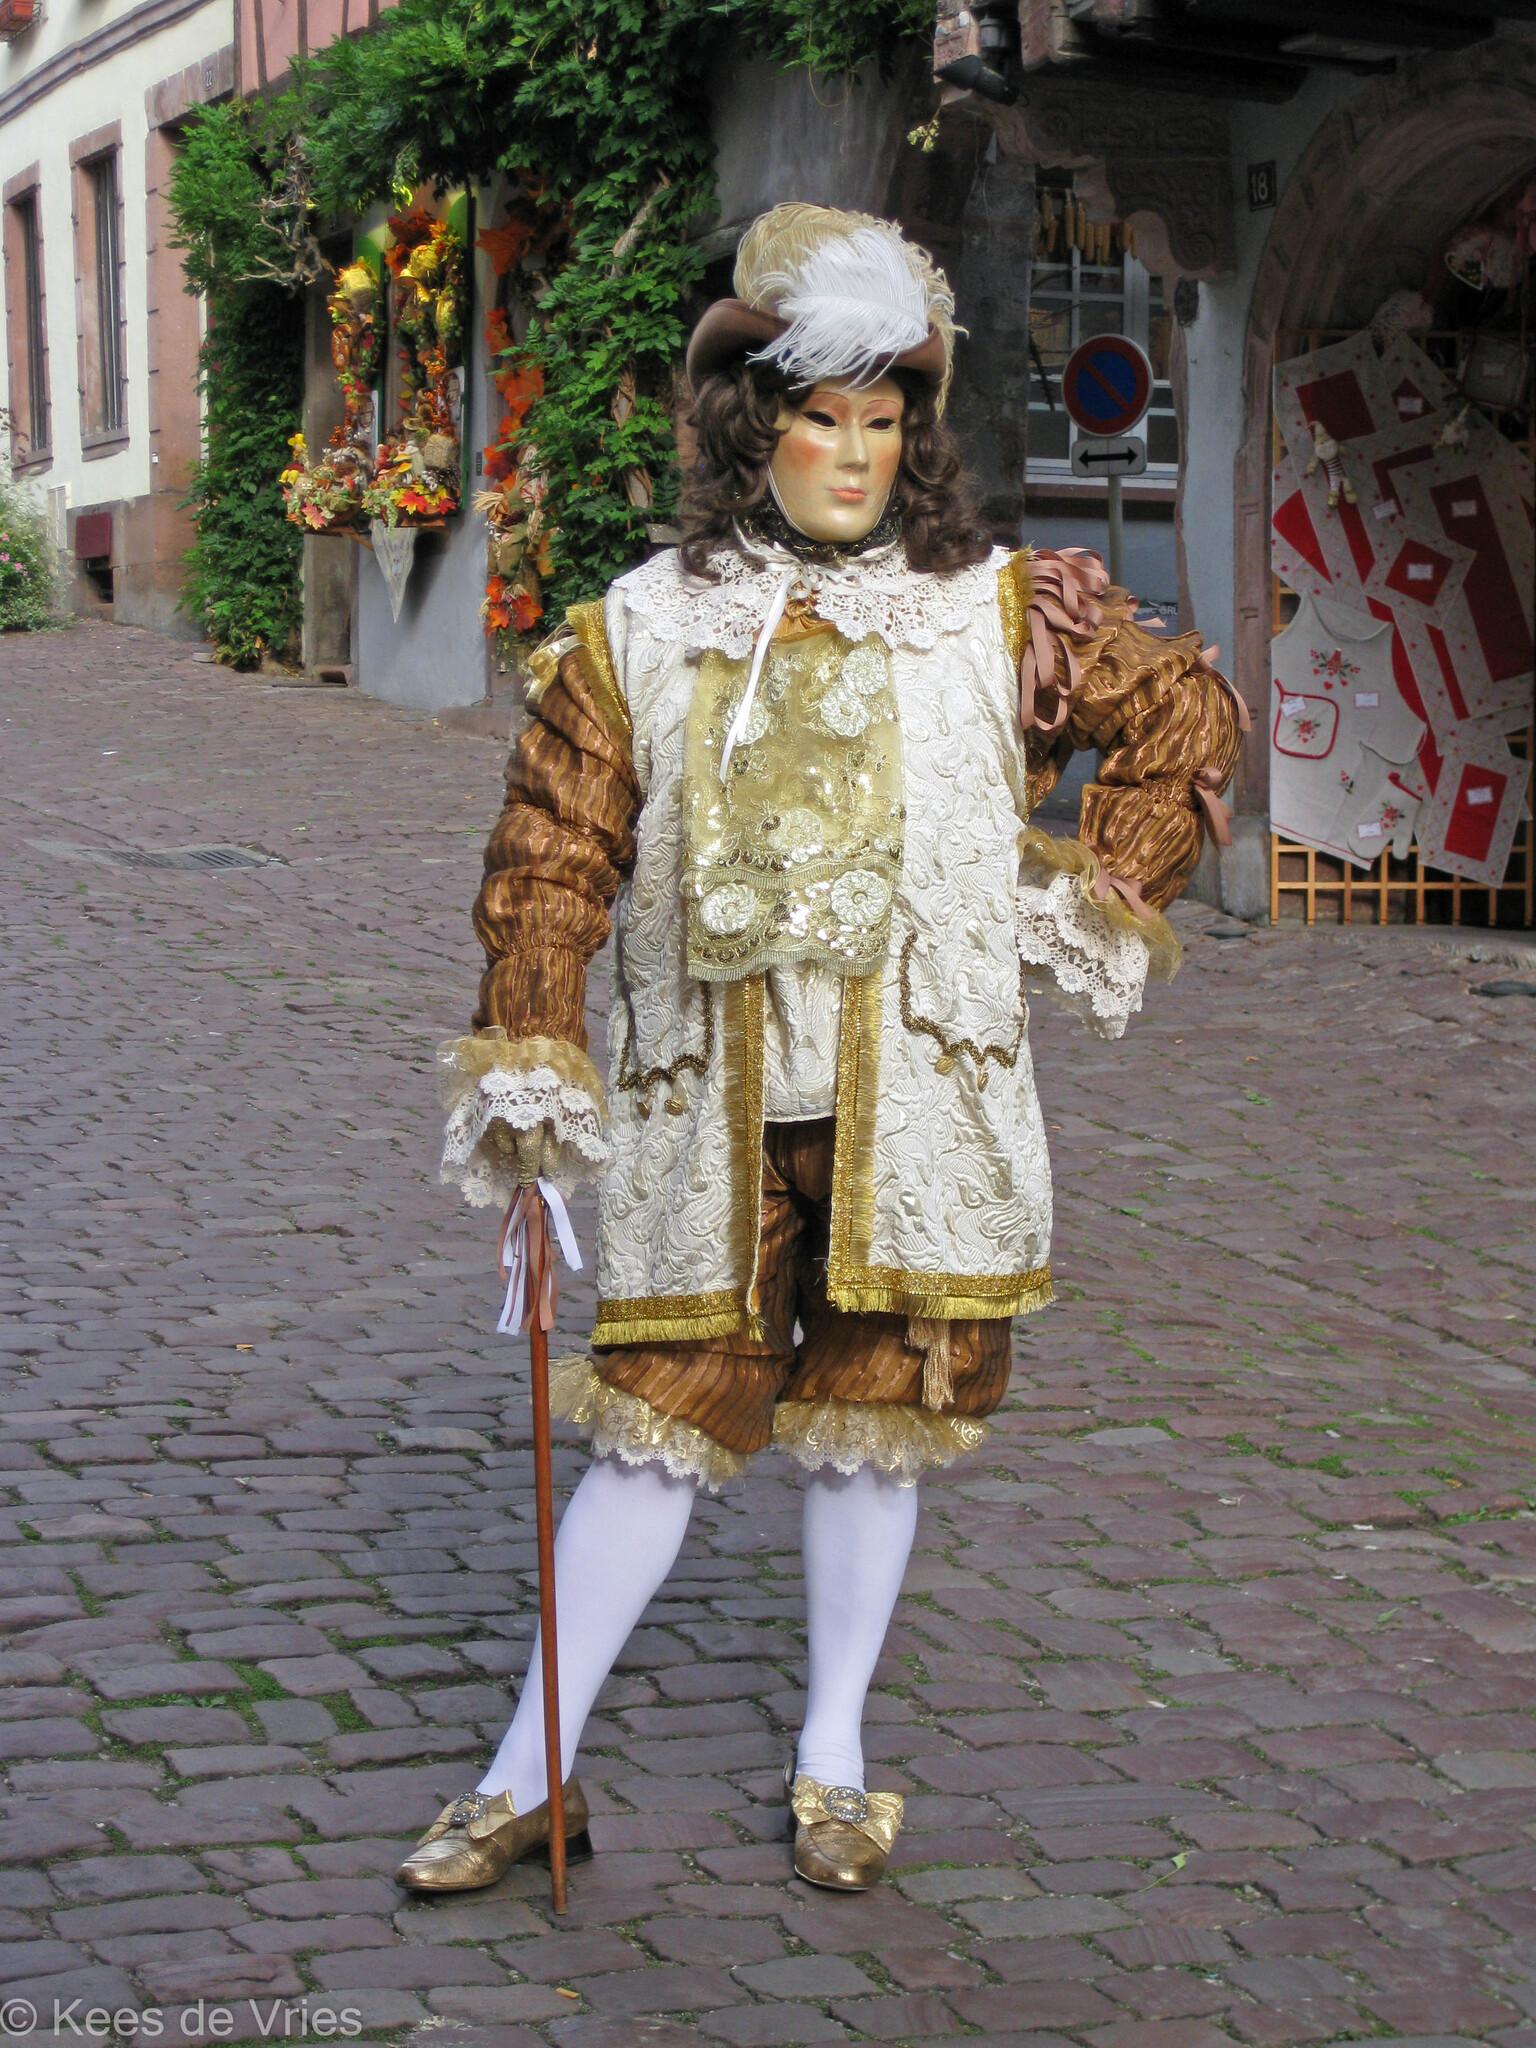 Elzas 2012 - Venetiaanse Parade in Riquewihr in de Elzas - foto door KdV59 op 05-05-2021 - locatie: 68340 Riquewihr, Frankrijk - deze foto bevat: fabriek, venster, jurk, straatmode, heeft, hoofddeksel, mode ontwerp, brillen, weg, dij